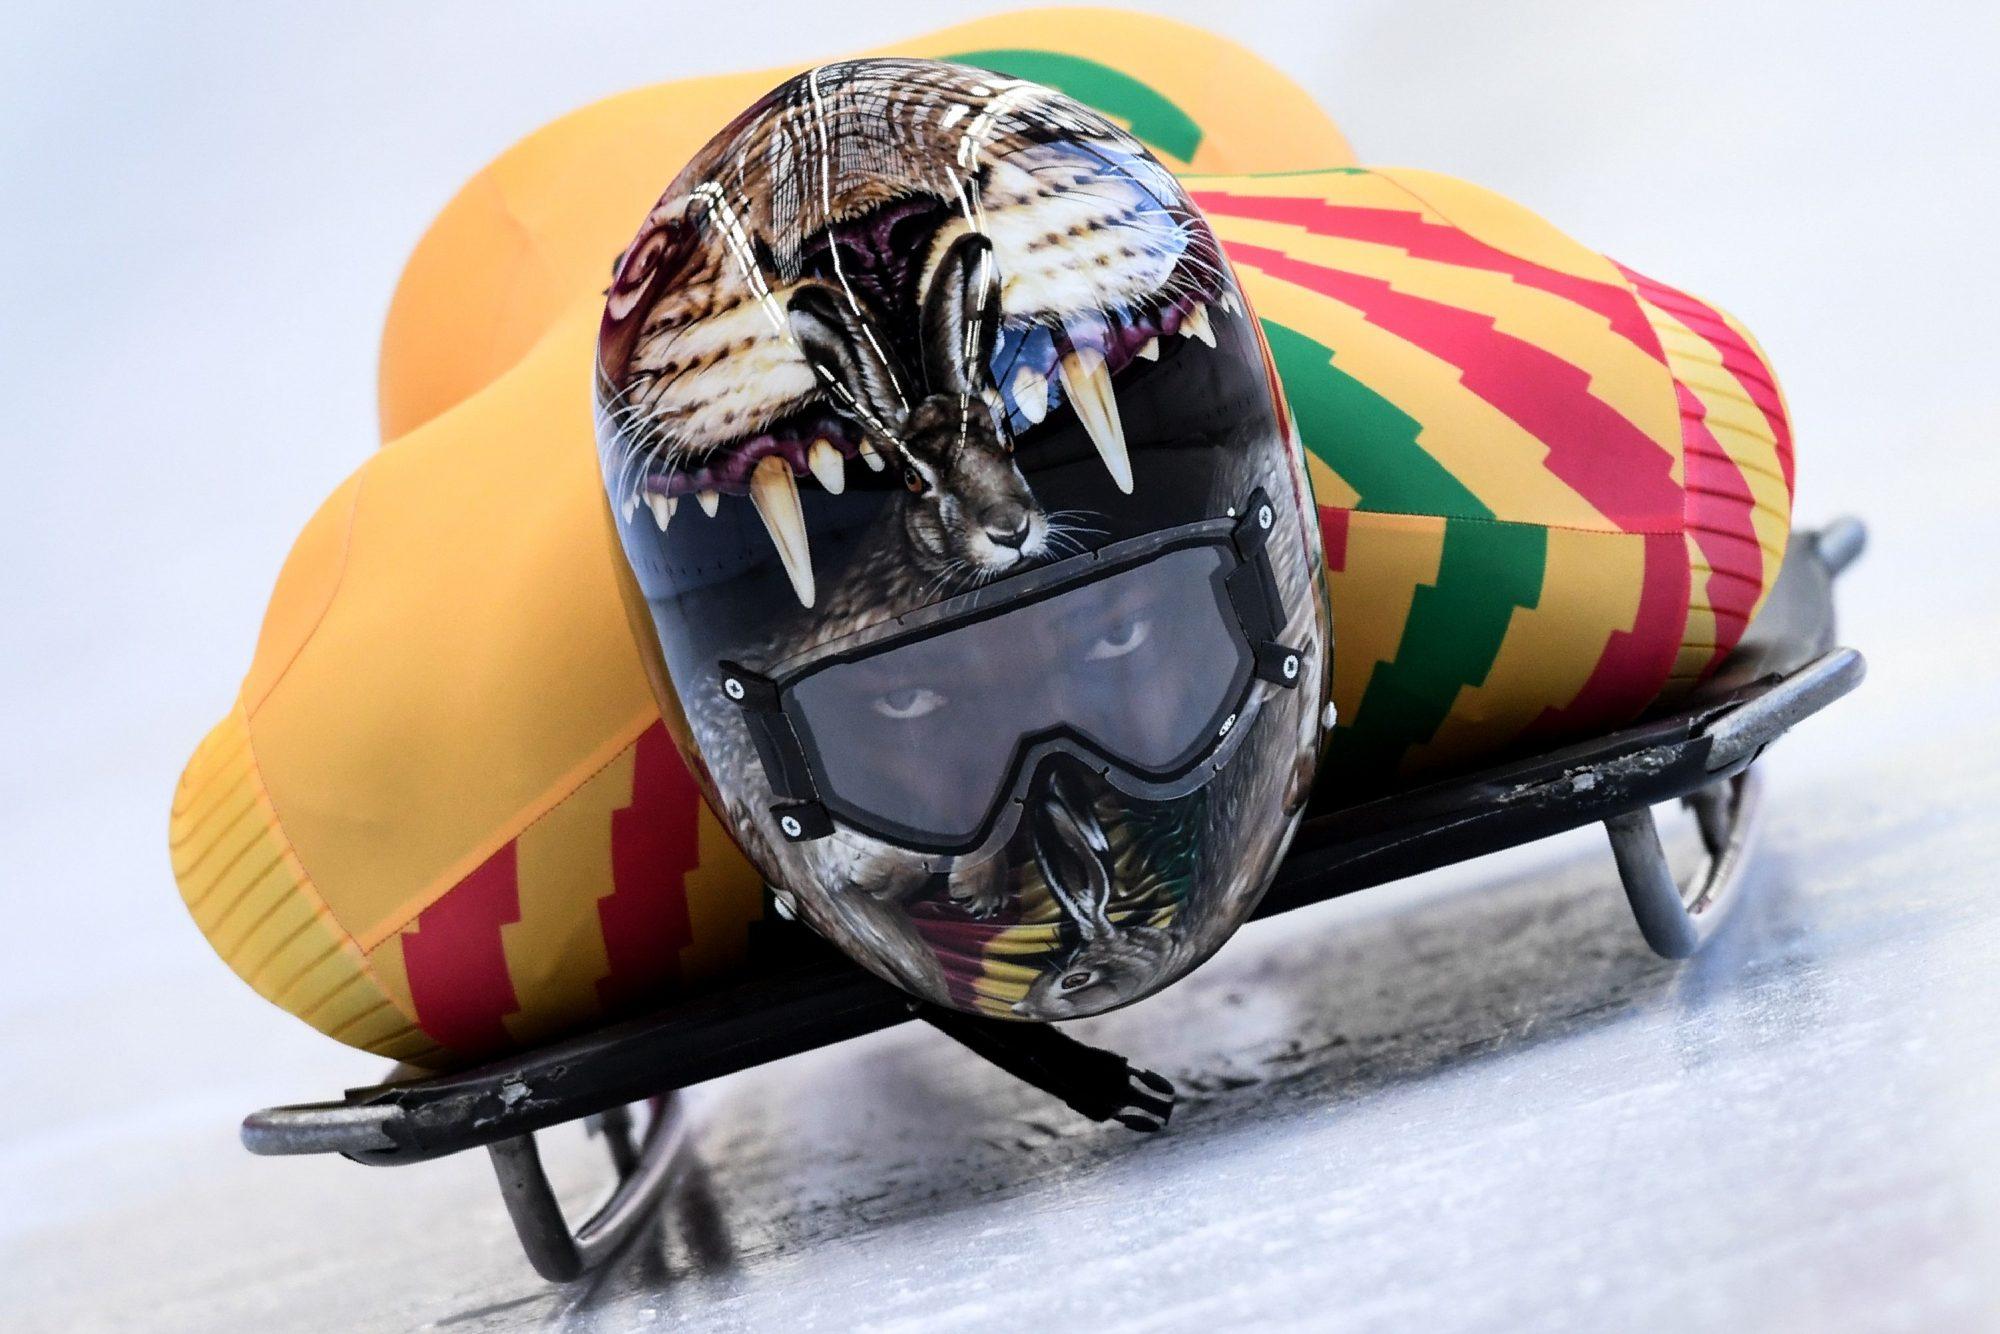 best-skeleton-helmets-winter-olympics-ghana.jpg